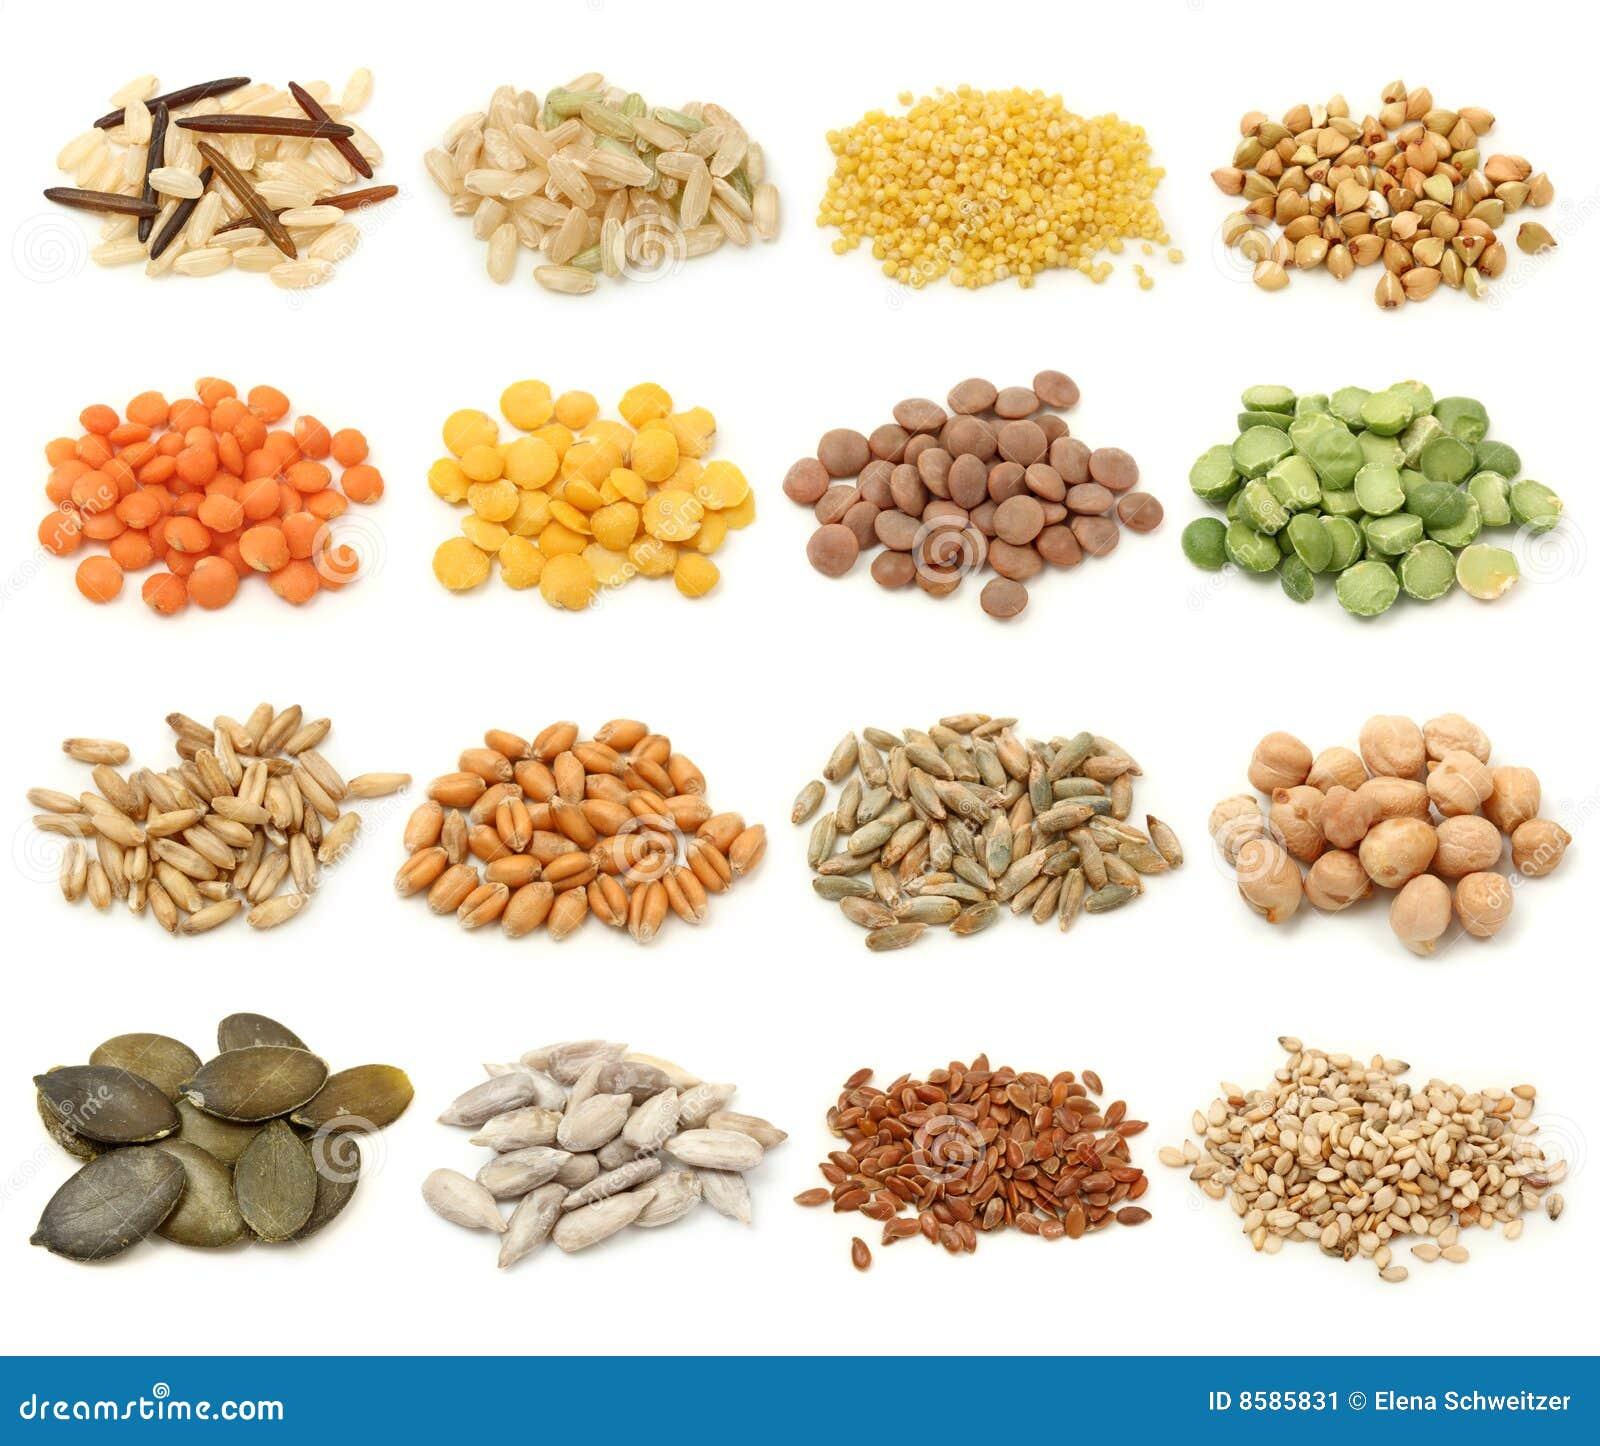 دليلك الشامل لكل أنواع الحبوب استشارات وفوائد طبية أخوات طريق الإسلام